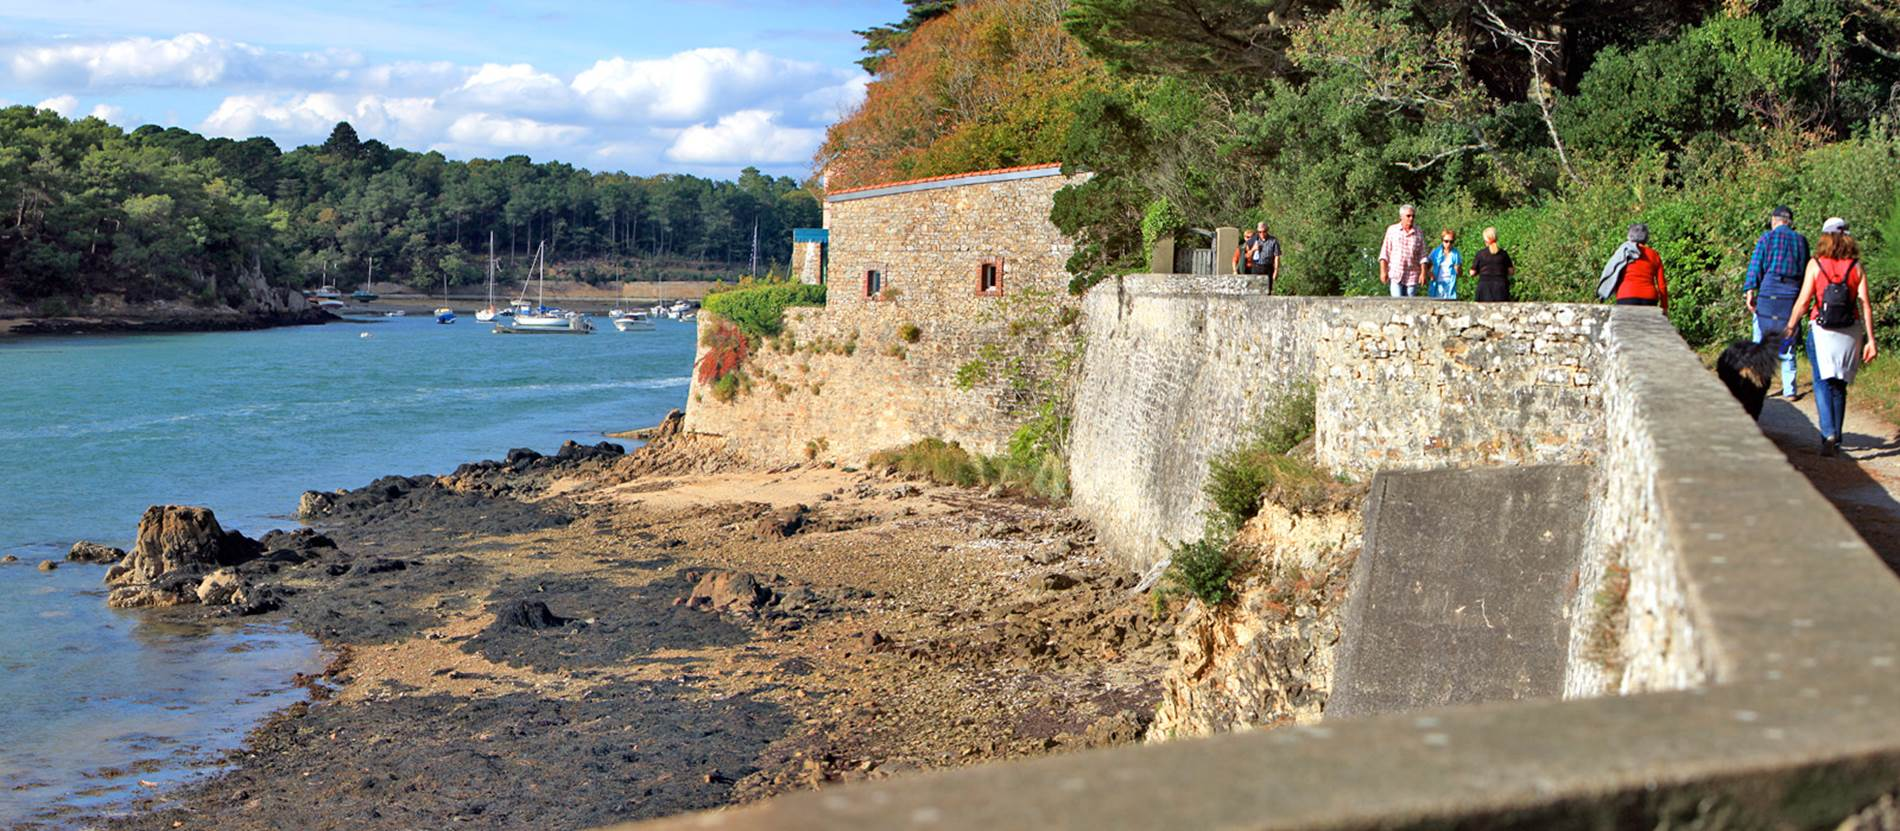 Le Tour du Golfe du Morbihan à pied  © Morbihan Tourisme